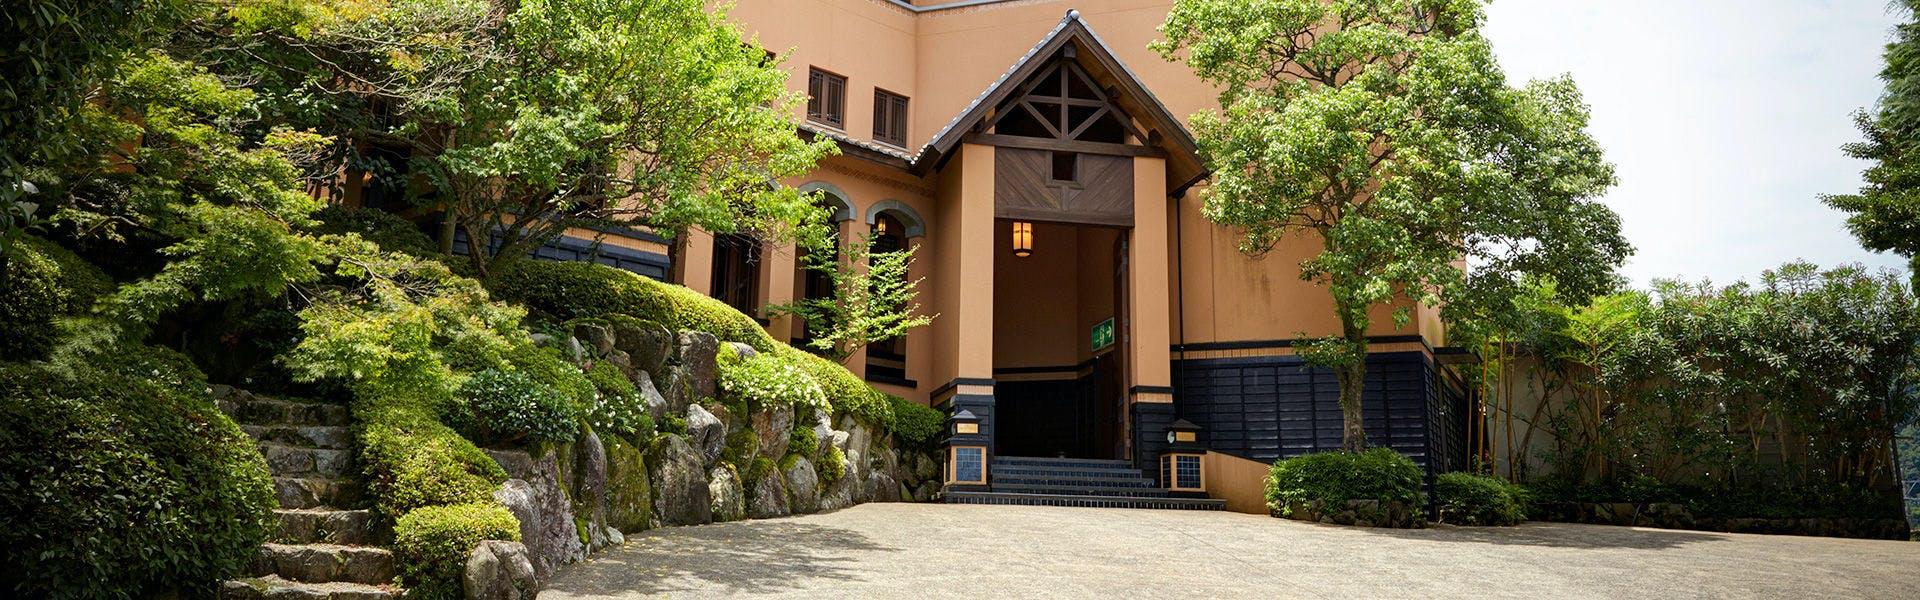 記念日におすすめのホテル・【ハミルトン宇礼志野】の写真1